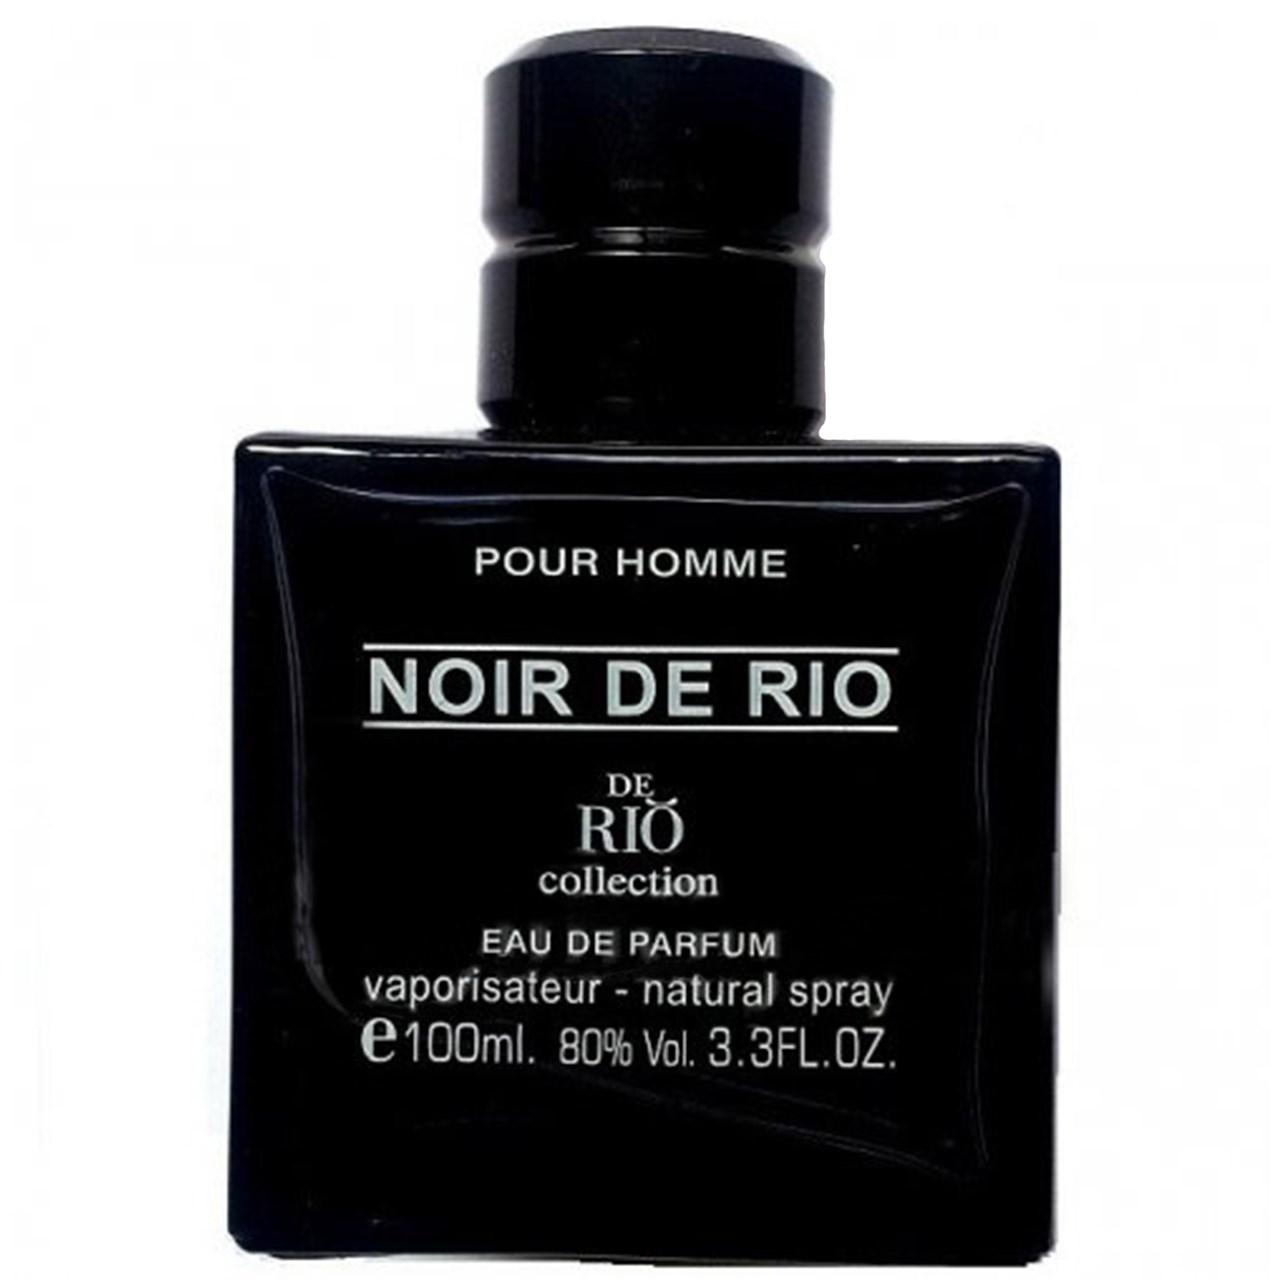 ادو پرفیوم مردانه ریو کالکشن مدل Lalique Noir حجم 100ml